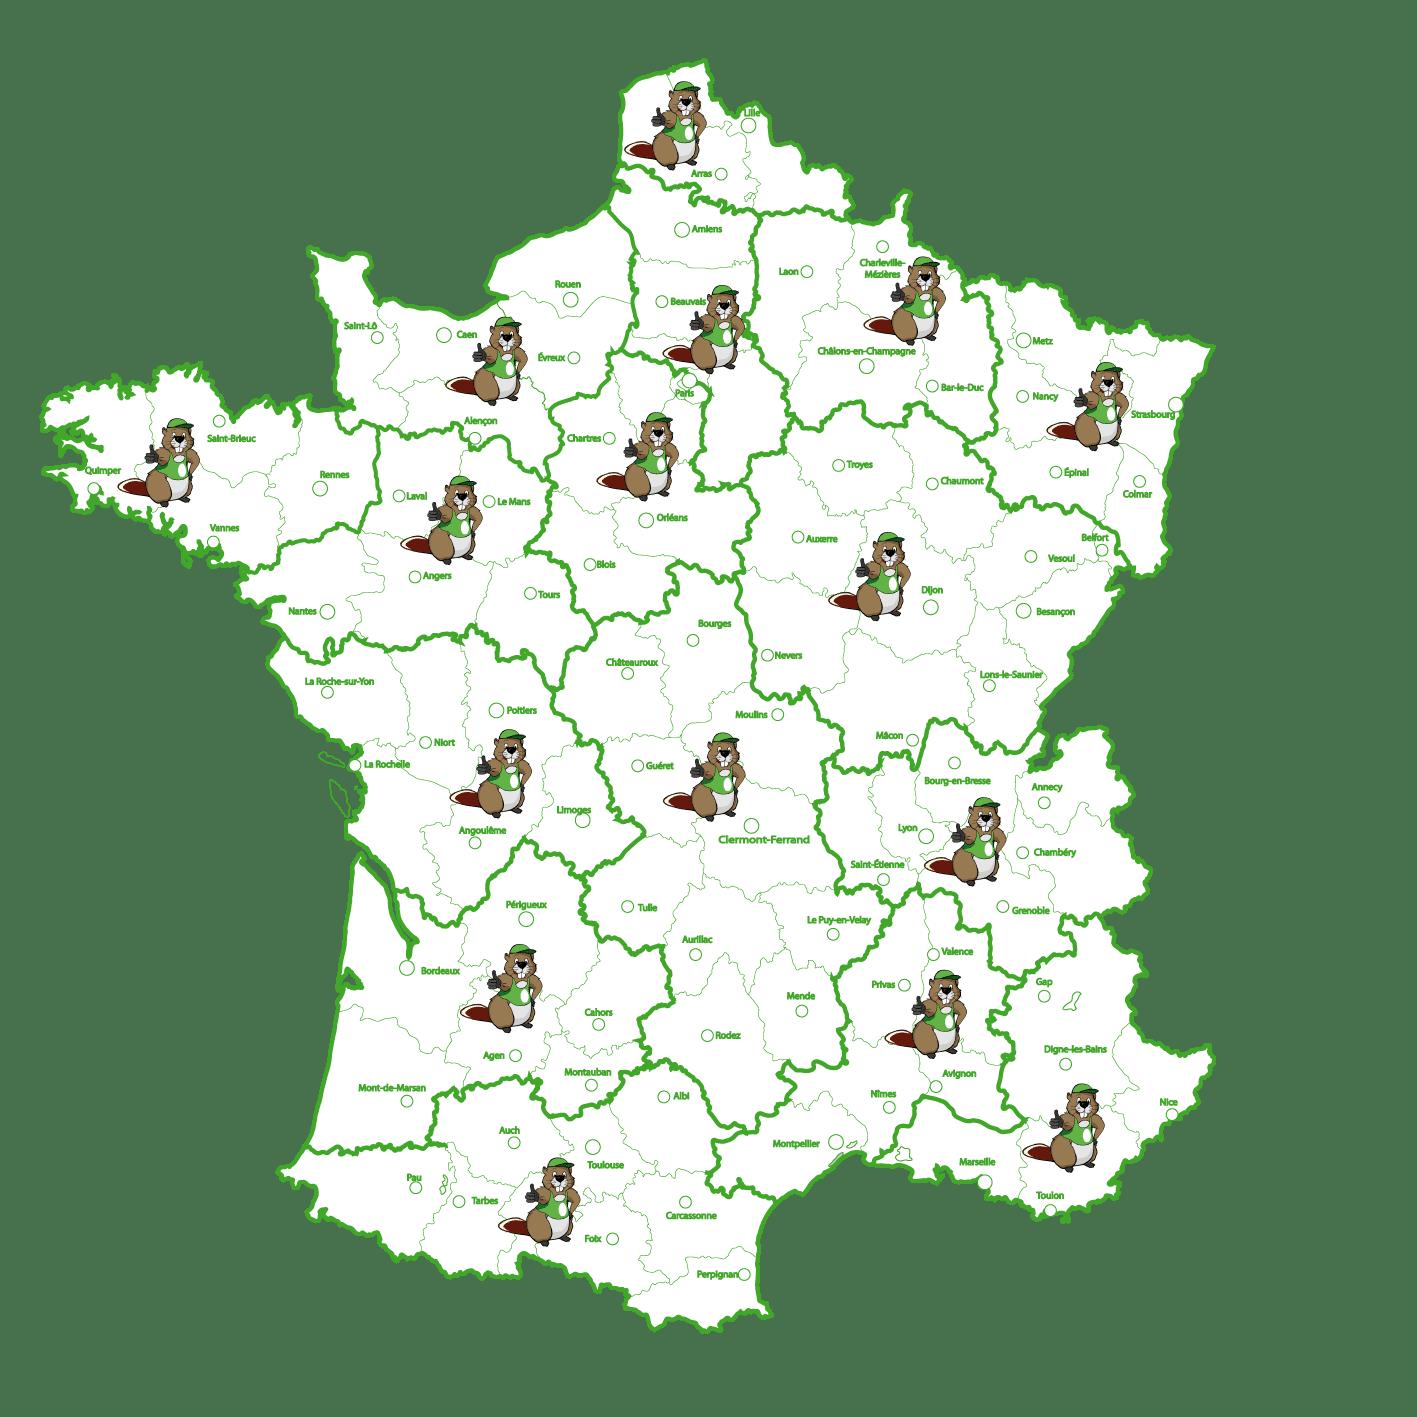 Carte des implantations du réseau de concessionnaires Pil'Poêle